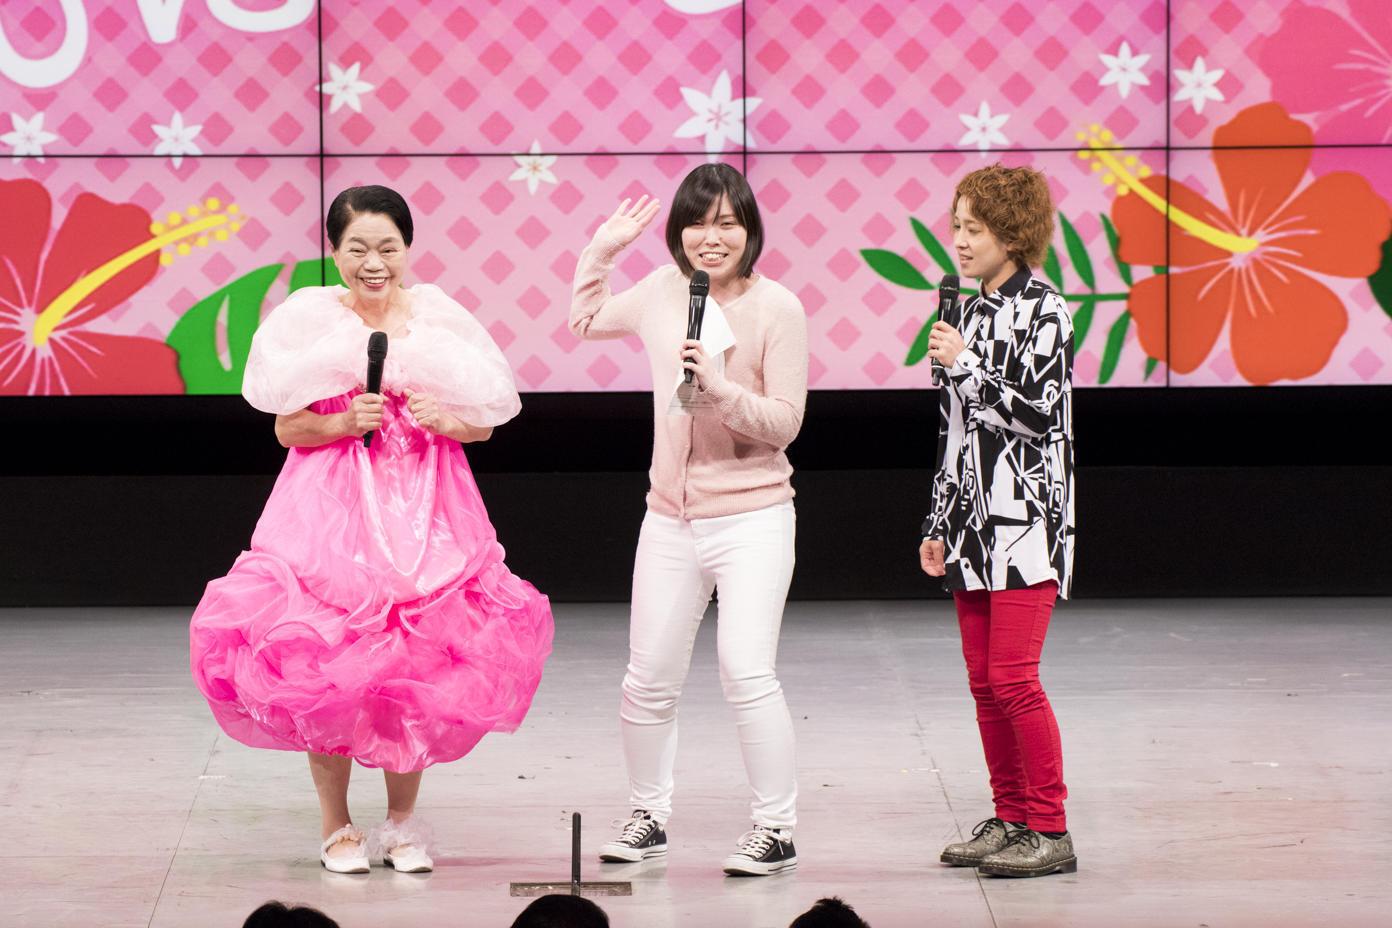 http://news.yoshimoto.co.jp/20170907215752-9b11f31d4e24b2d8c7e7f94392356b88ef7bbb9d.jpg